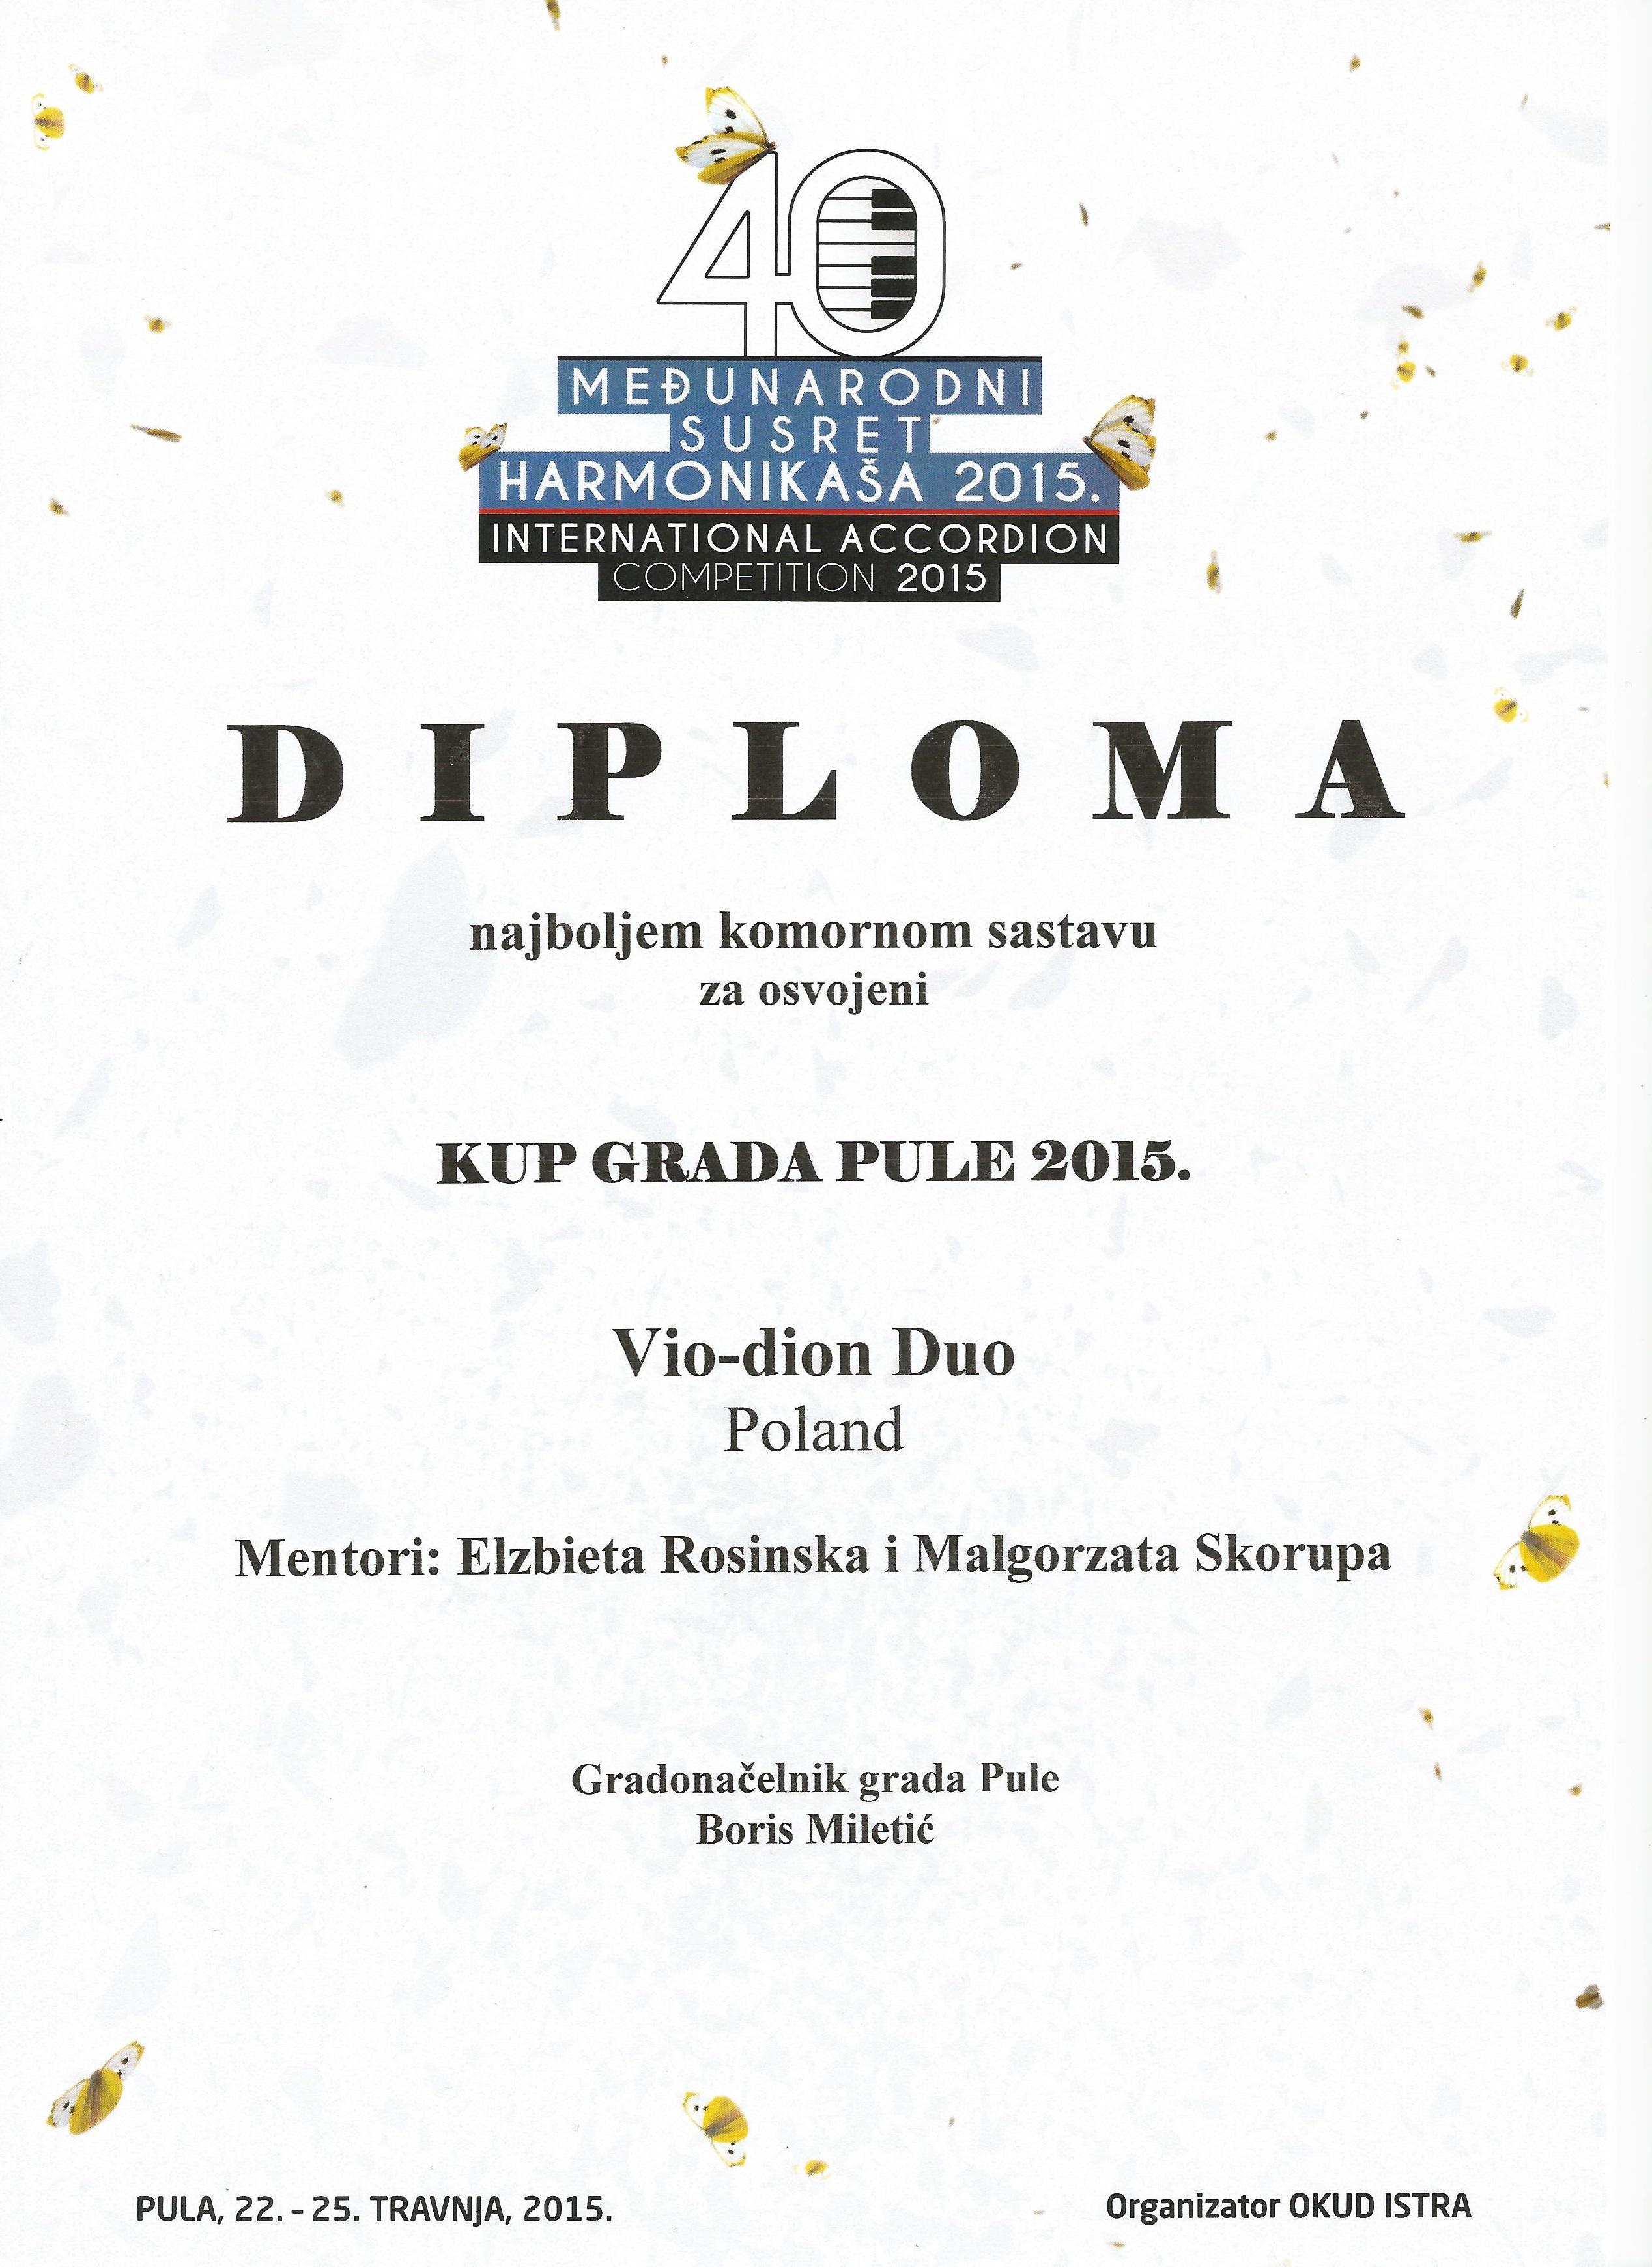 Vio-Dion Duo_Nagroda dla najlepszego zespołu kam całego konkursu